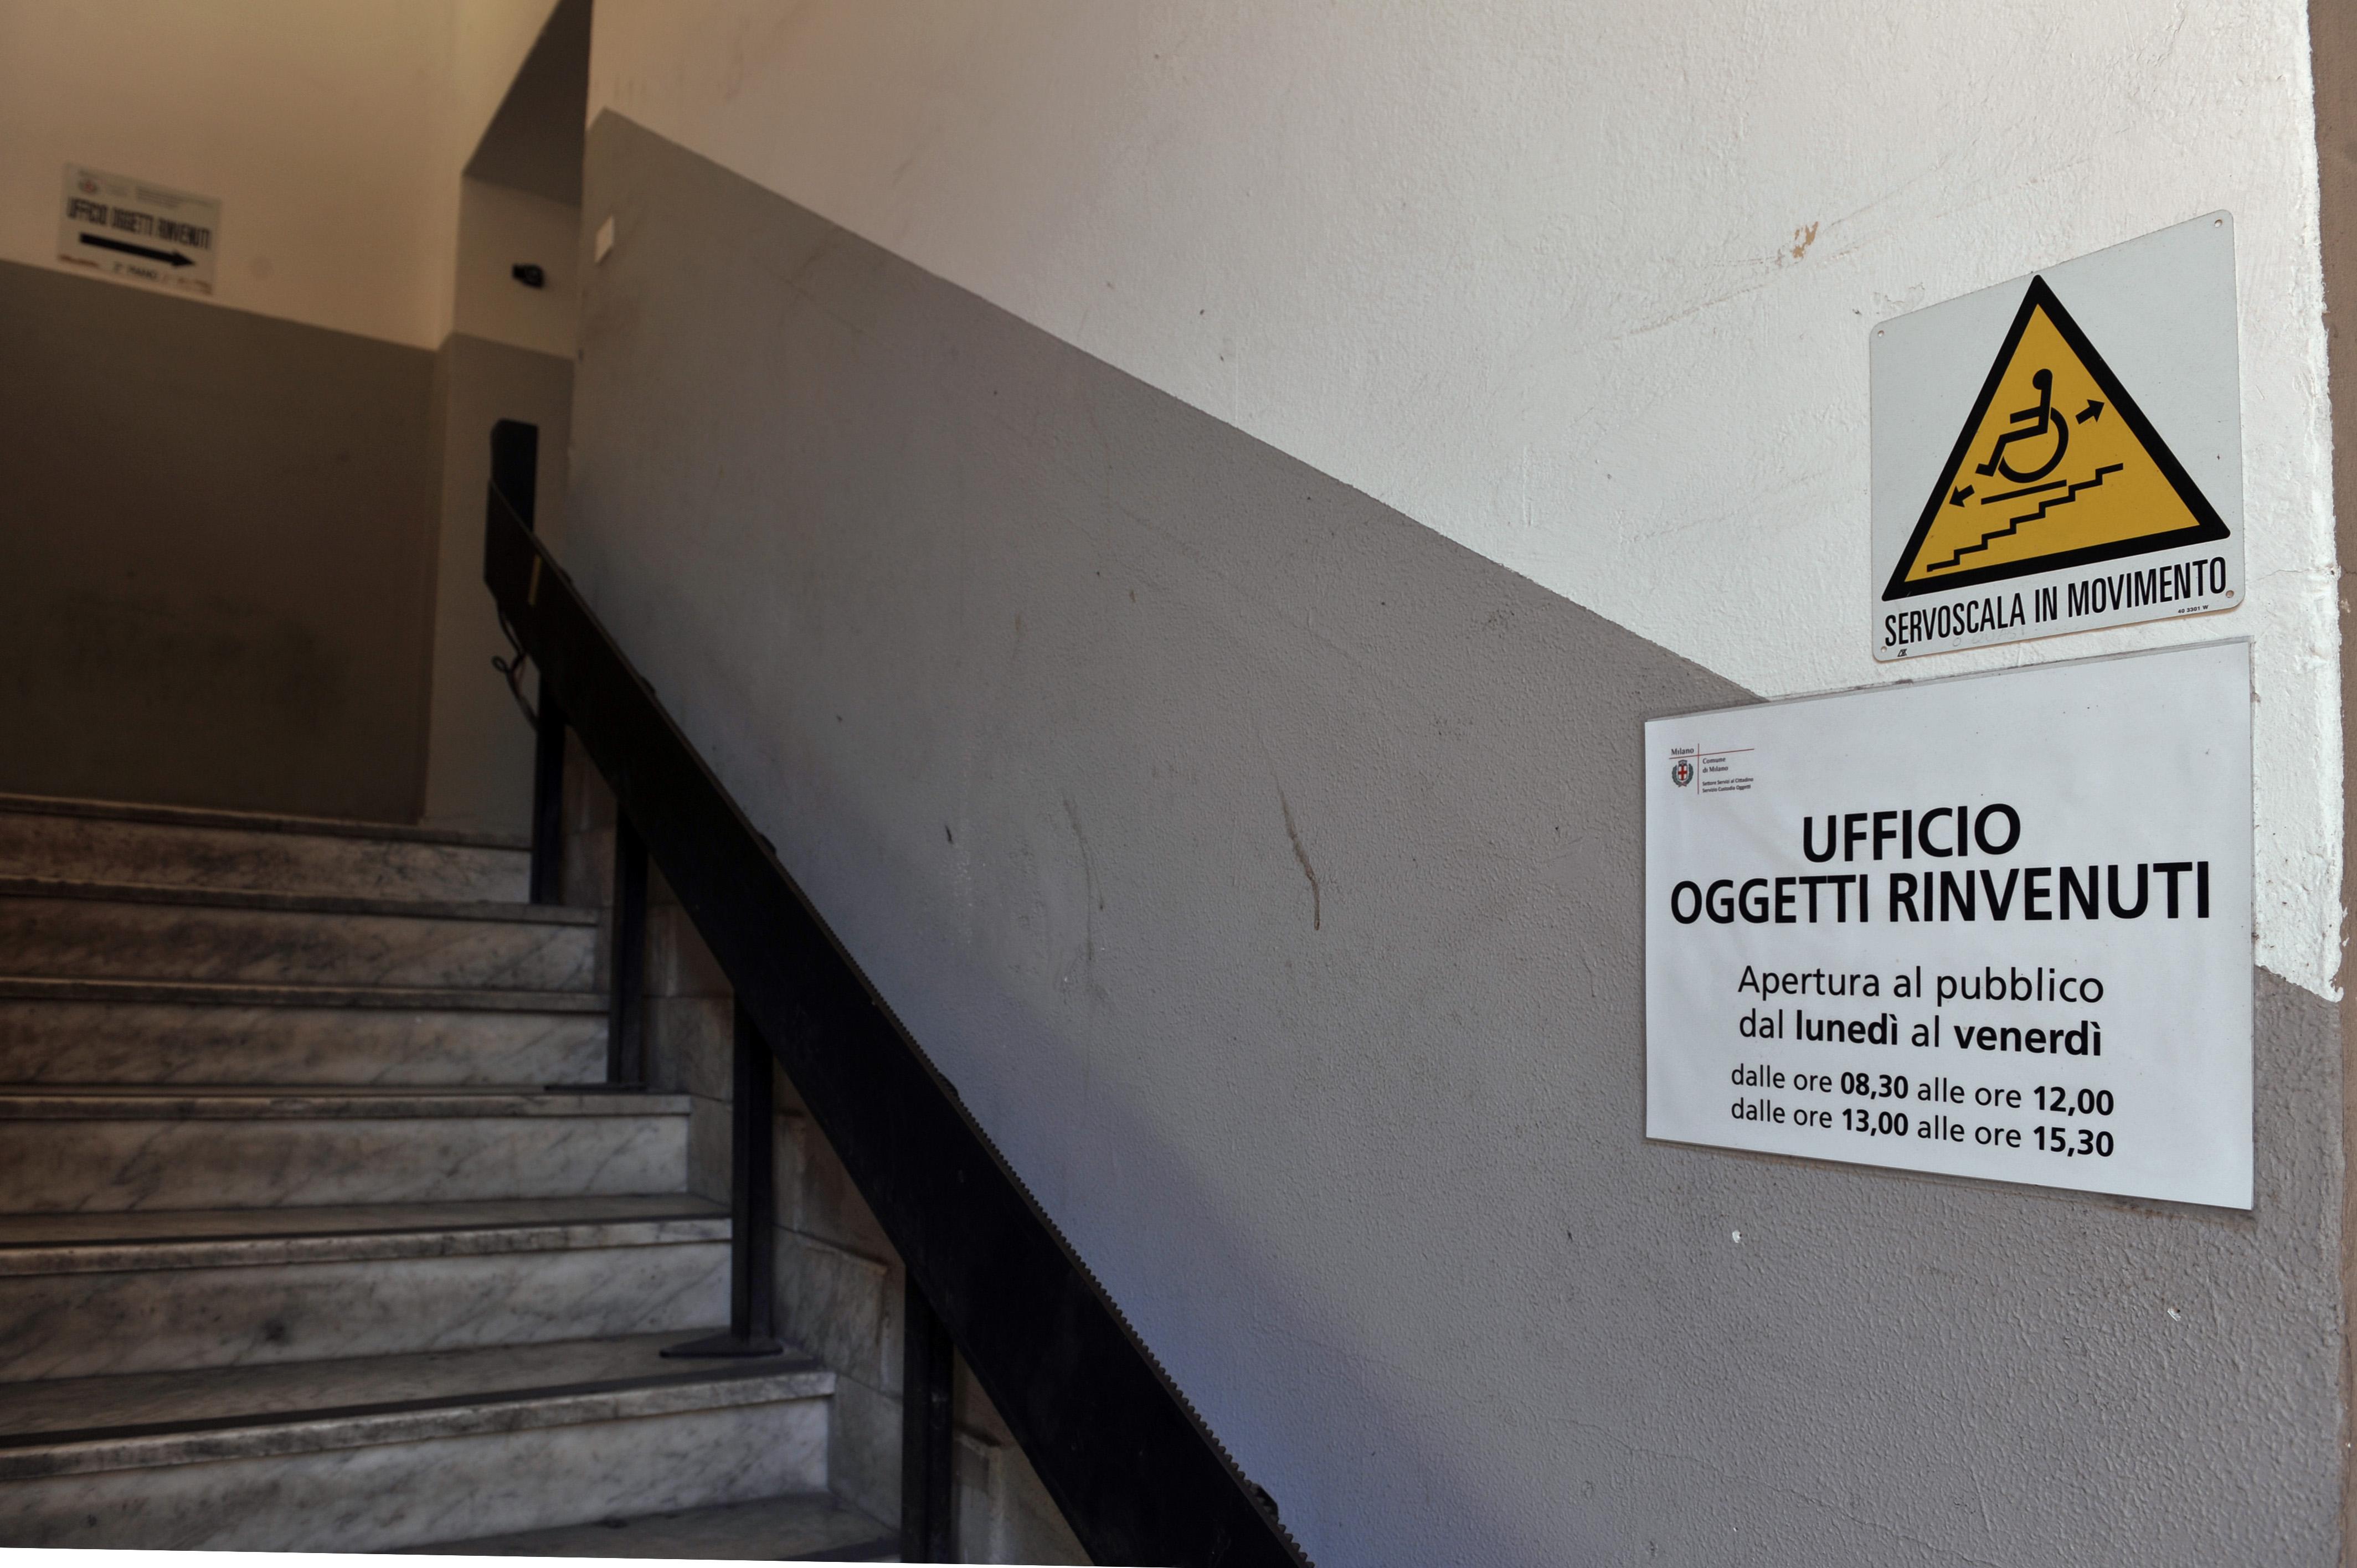 Ufficio Oggetti Smarriti Milano : Ufficio oggetti rinvenuti discoradio